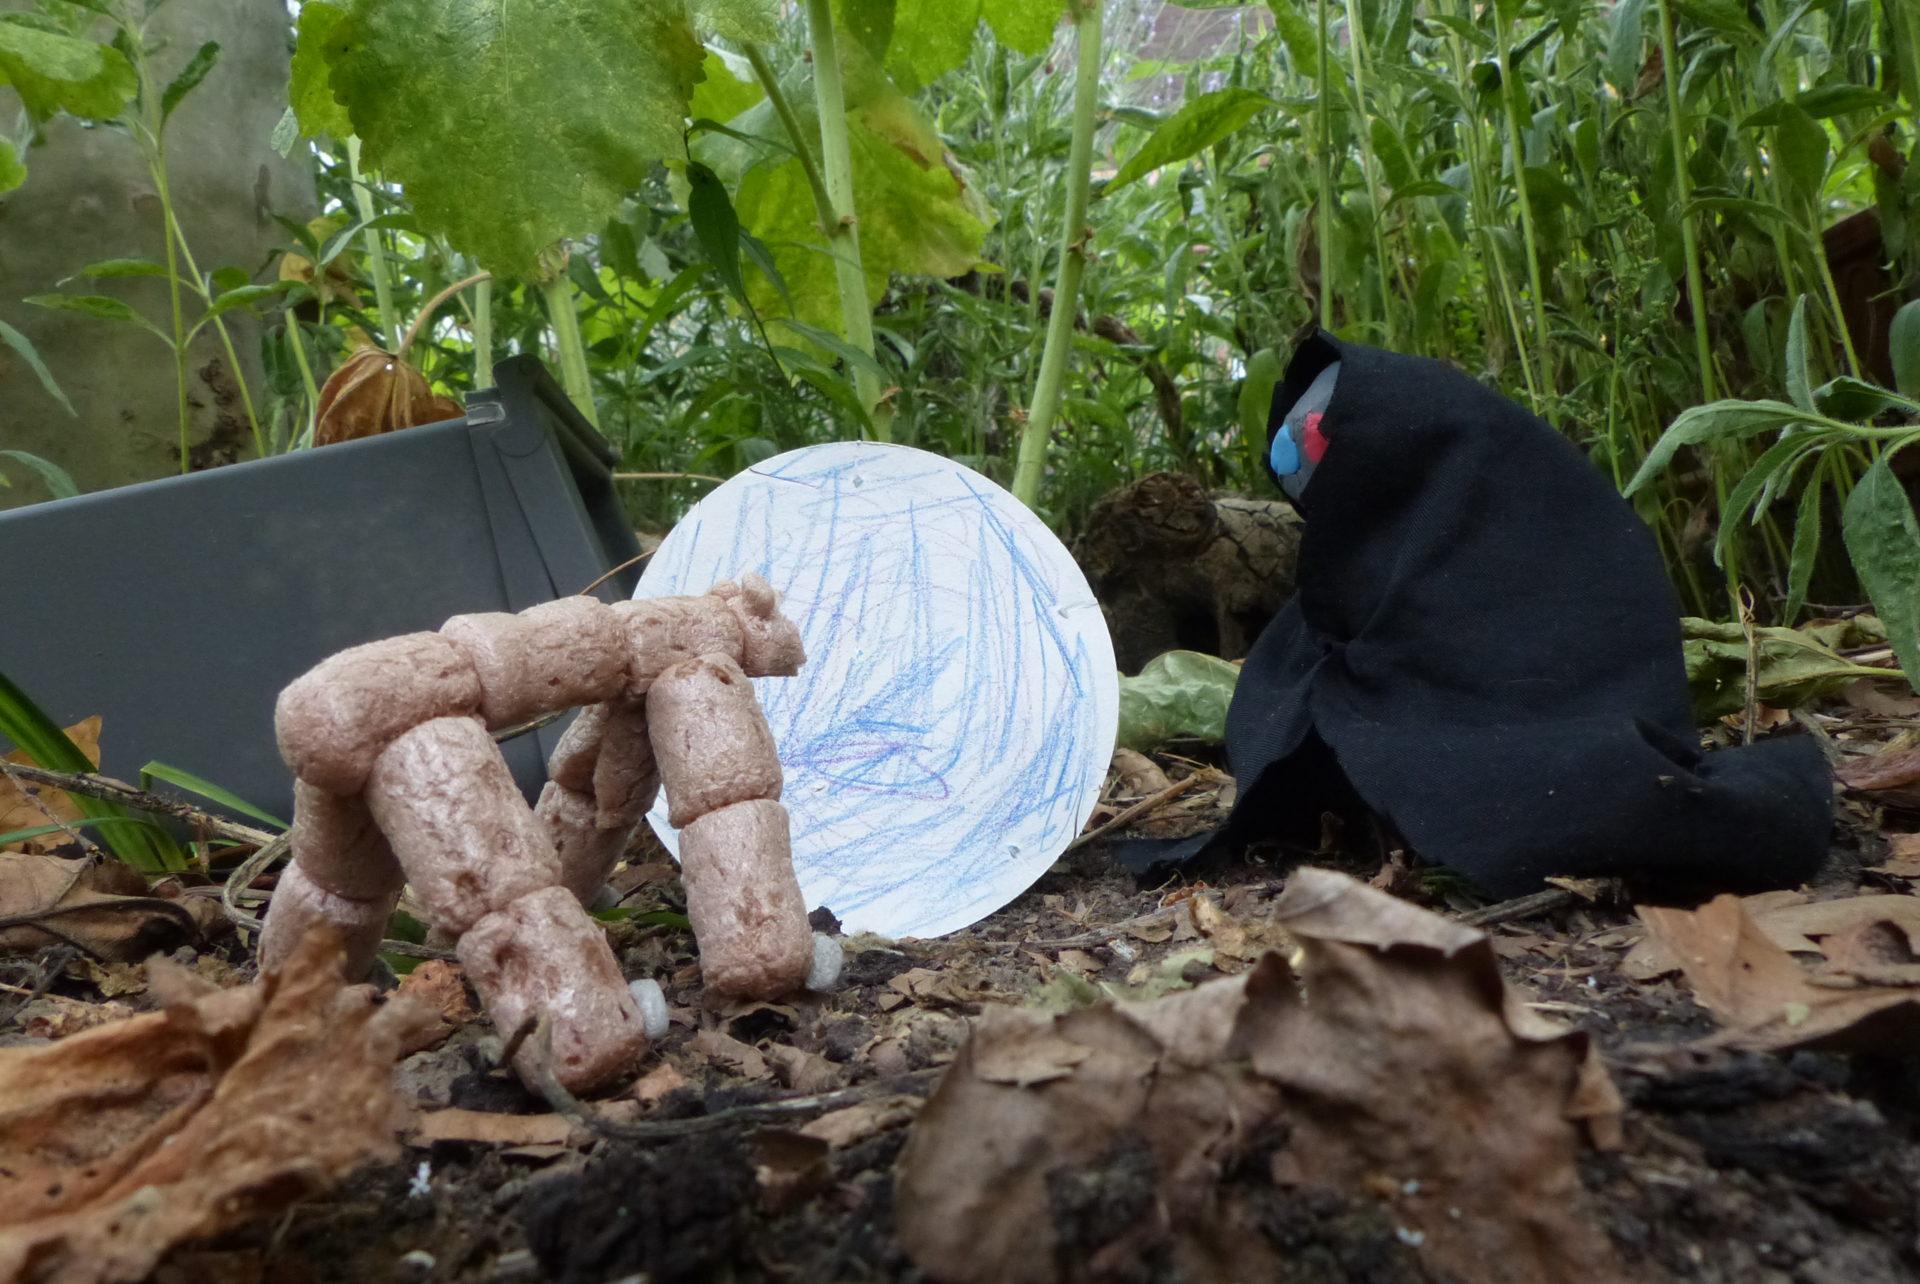 Männchen aus Knete und Stoff sitzend vor Müll im Gebüsch